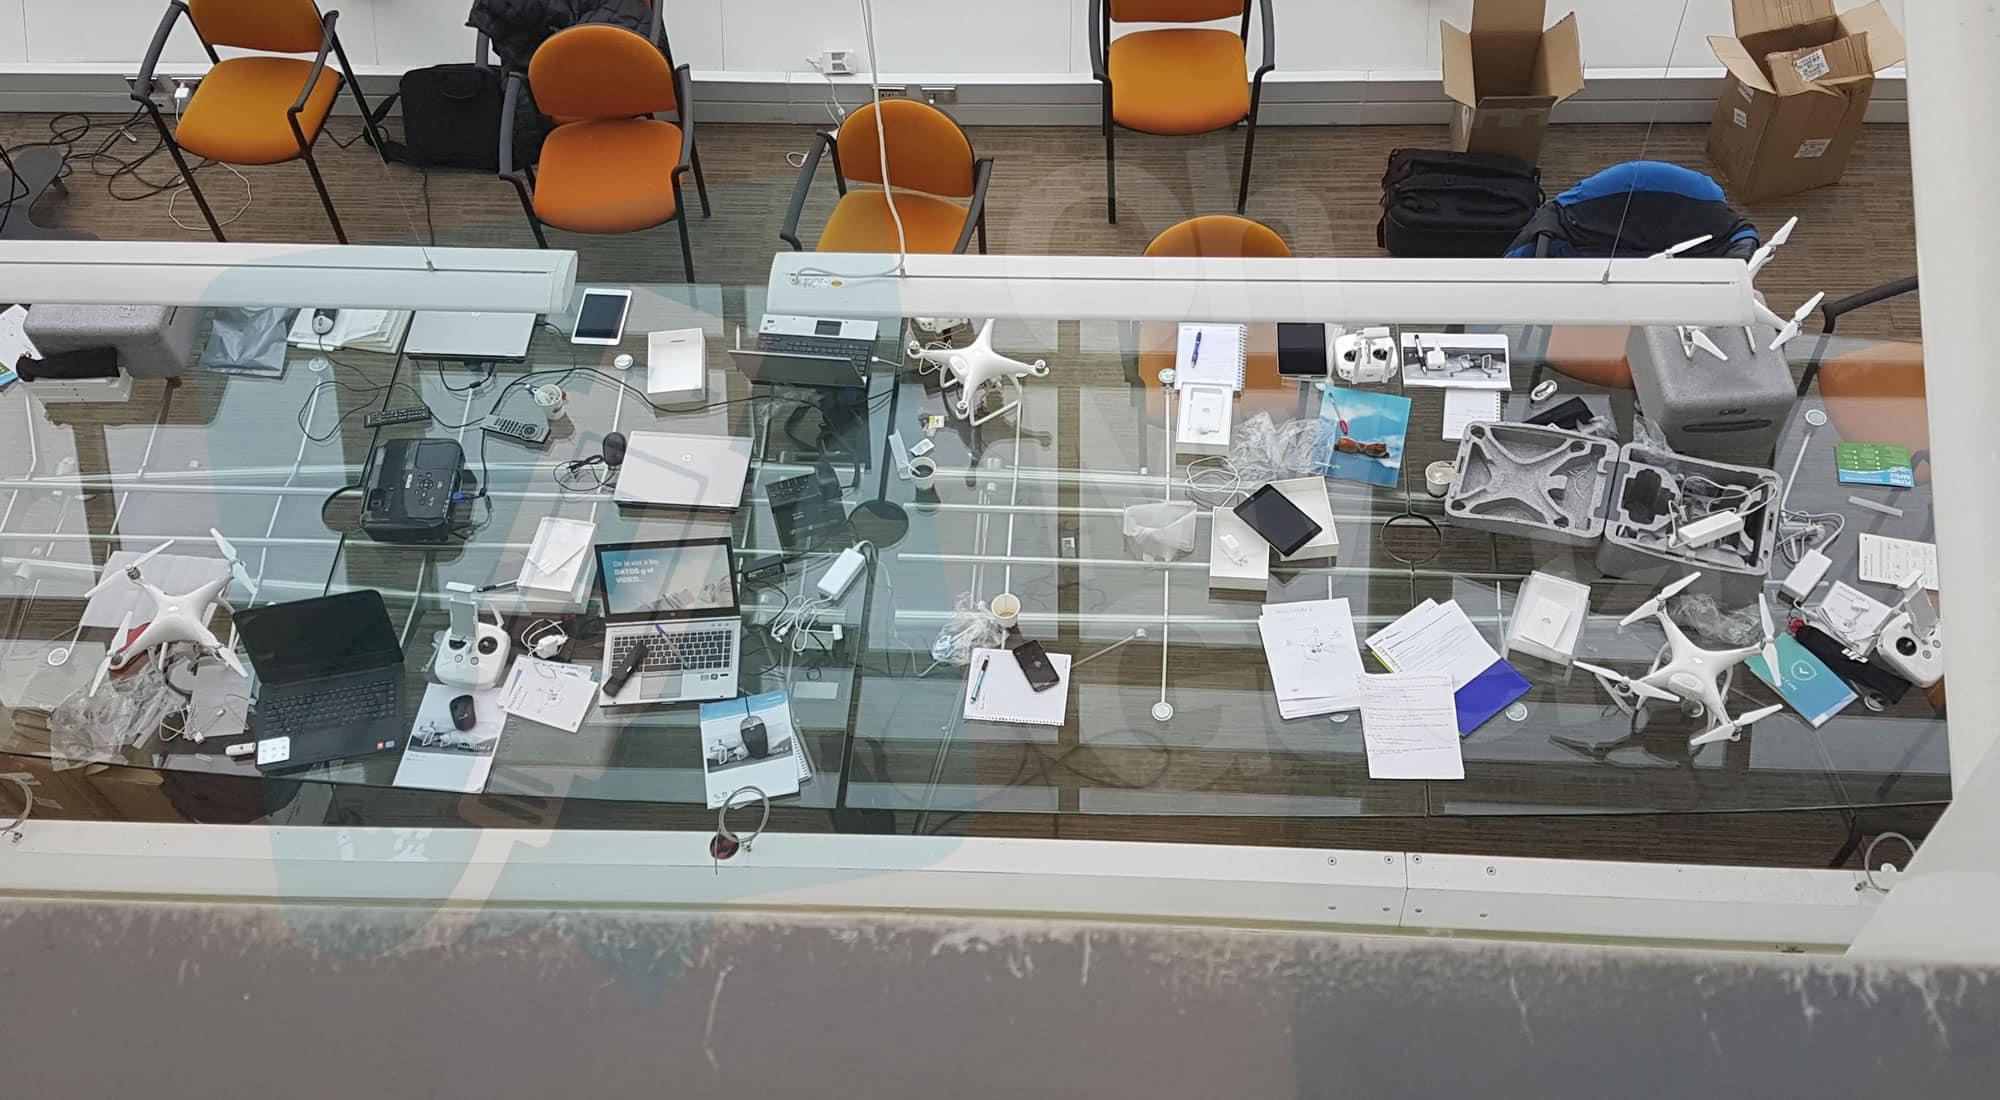 Supervisión de Fibra Óptica: Los drones son DJI Phantom 4, monitoreados con iPad.